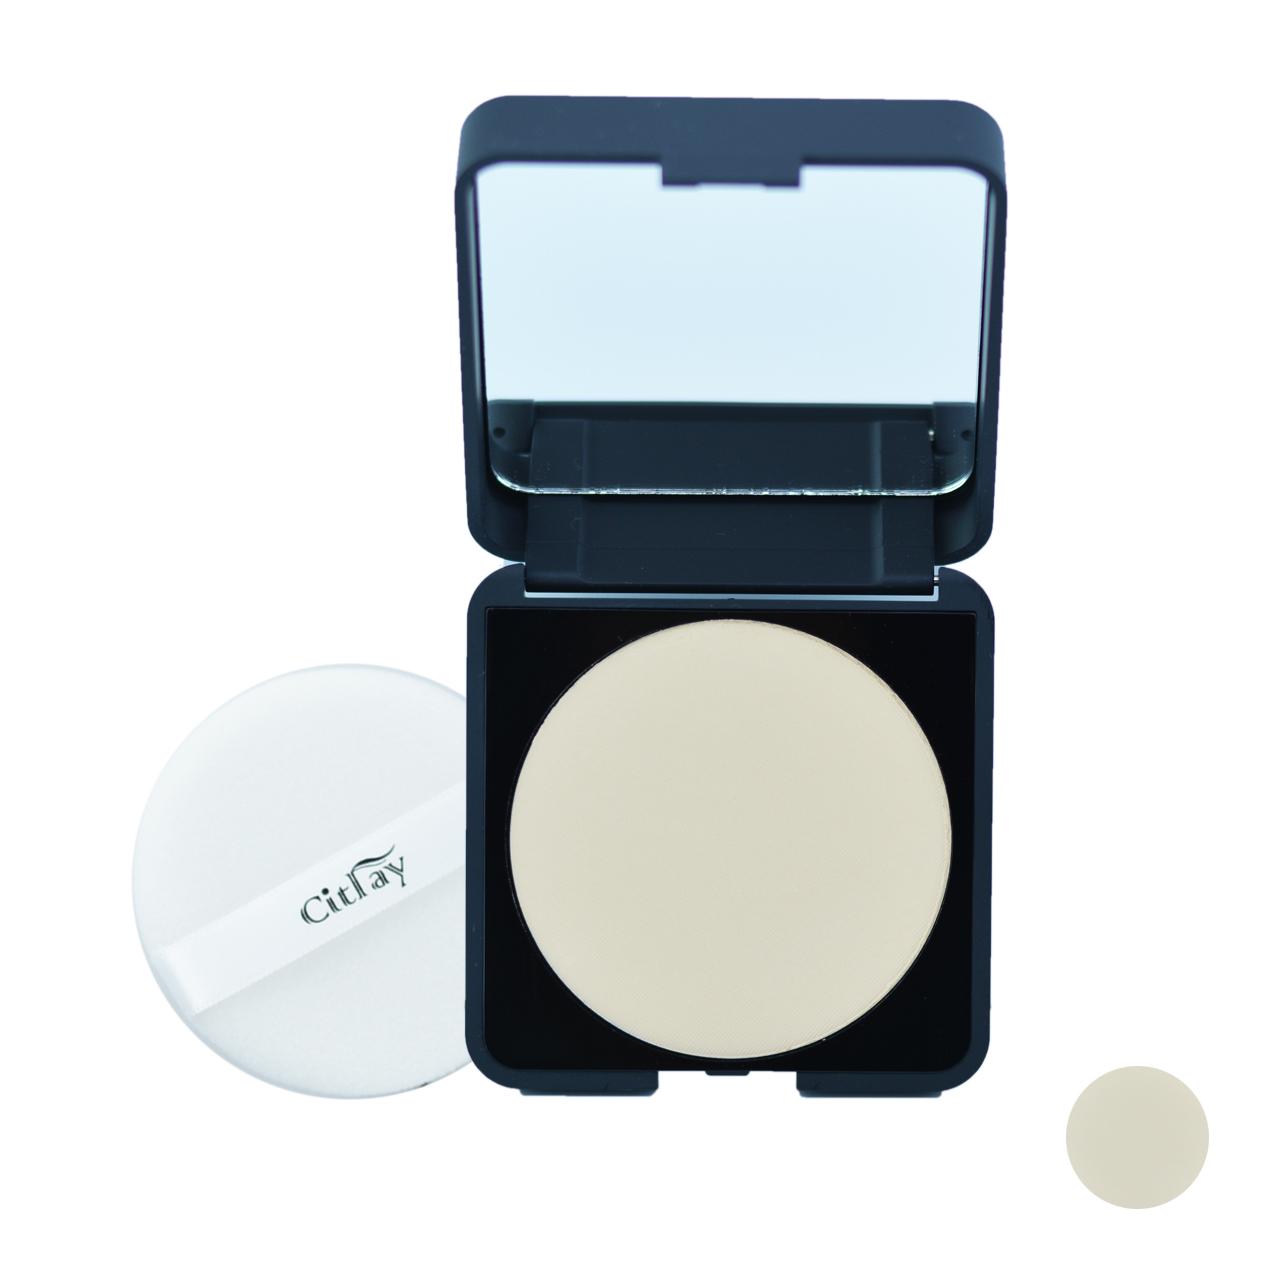 قیمت پنکیک سیترای مدل Soft Compact Powder شماره 202